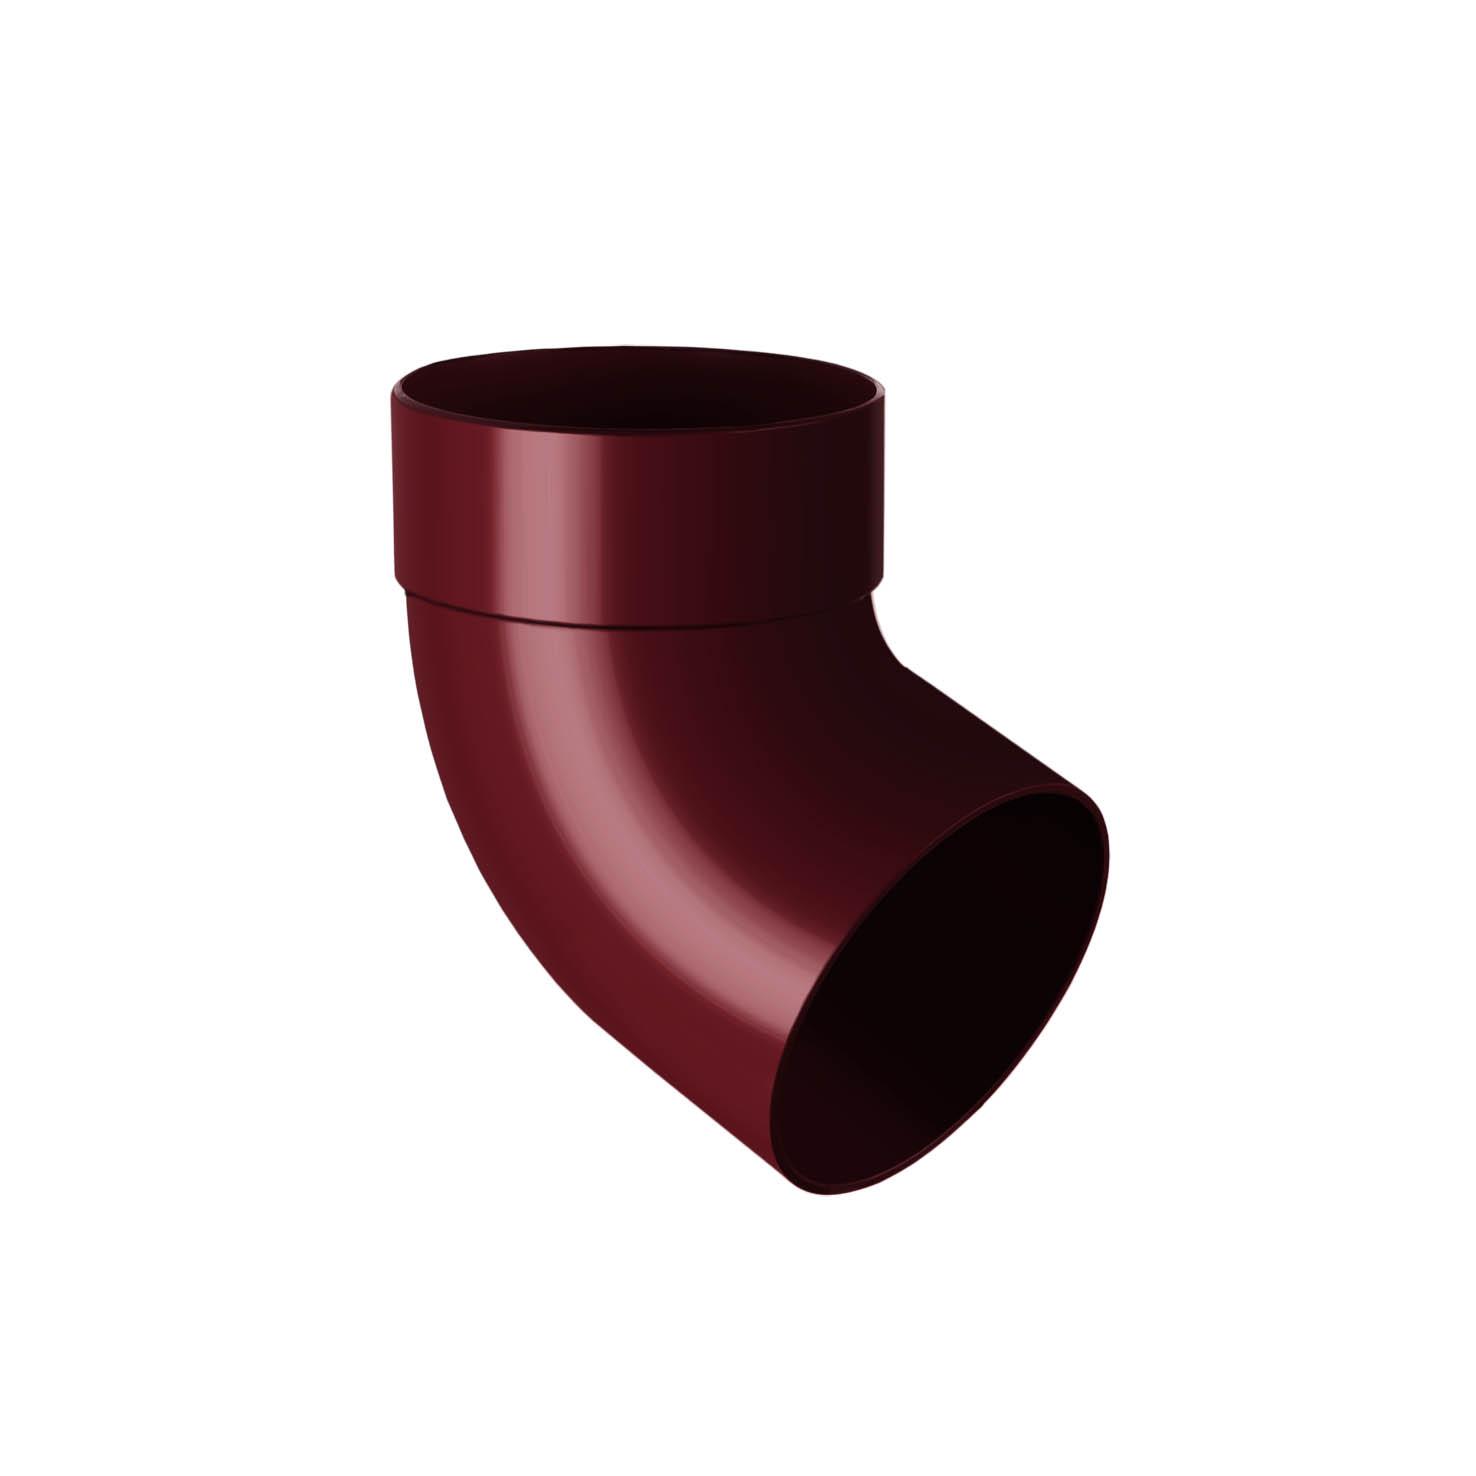 Відвід труби одномуфтовий 67°, червоний 100мм/Ø RainWay